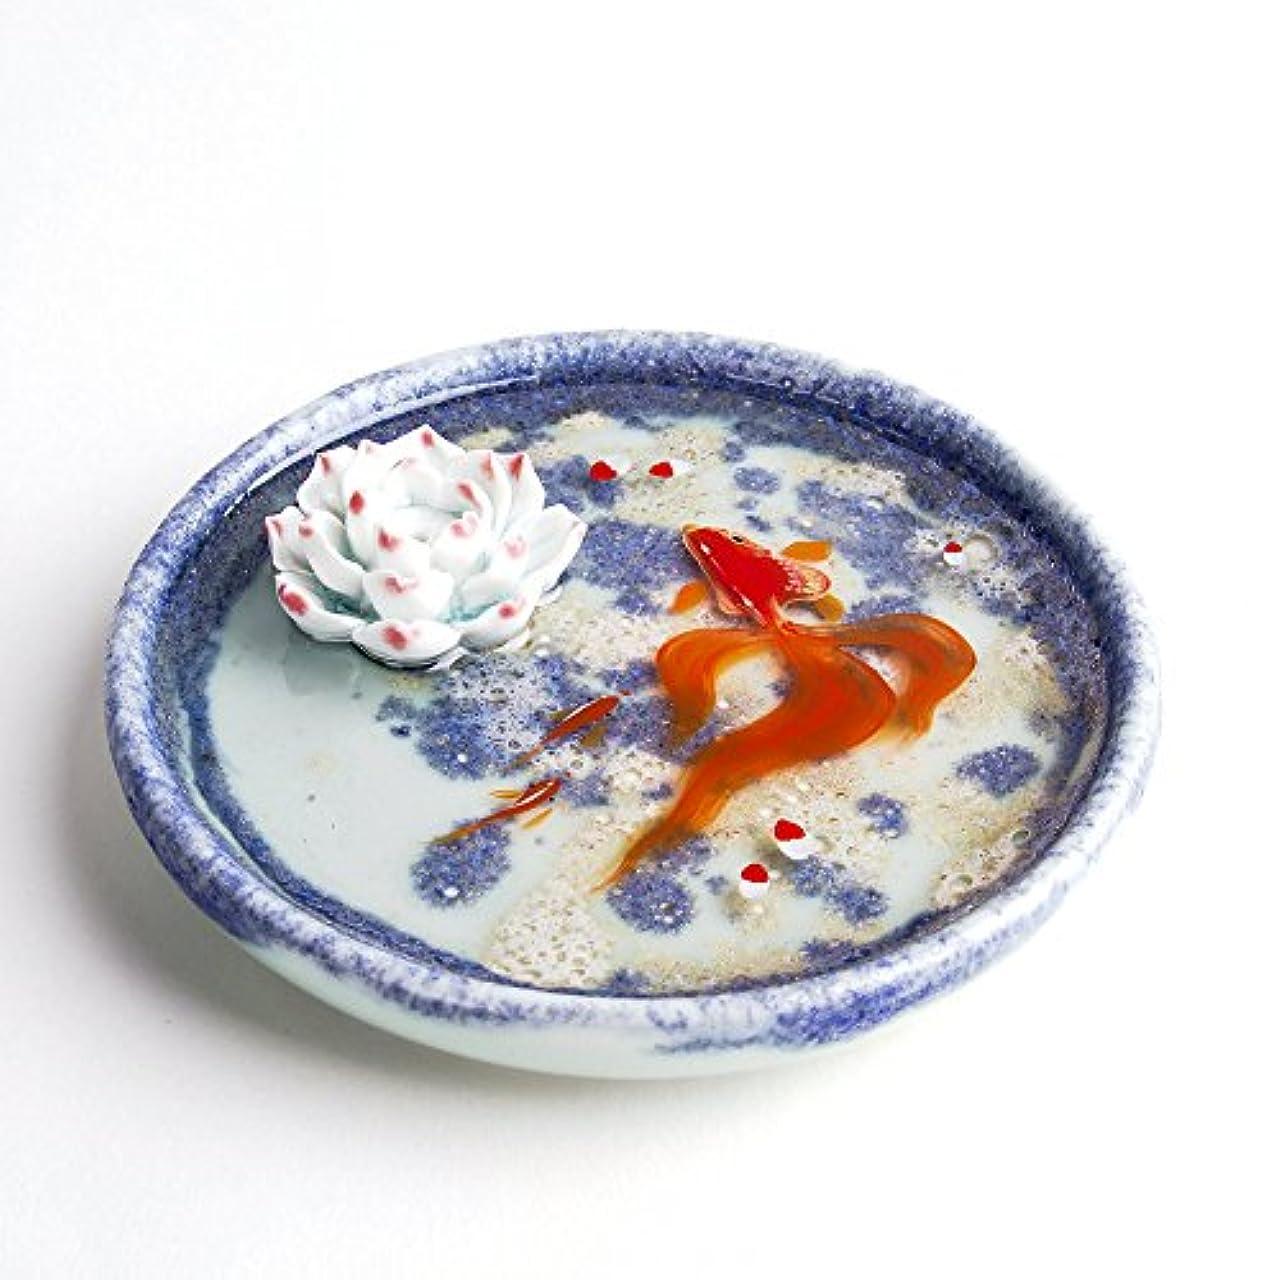 パウダー結核チョークお香立て お香たて 香の器 お香を焚いて 香皿,陶磁器、ブルー